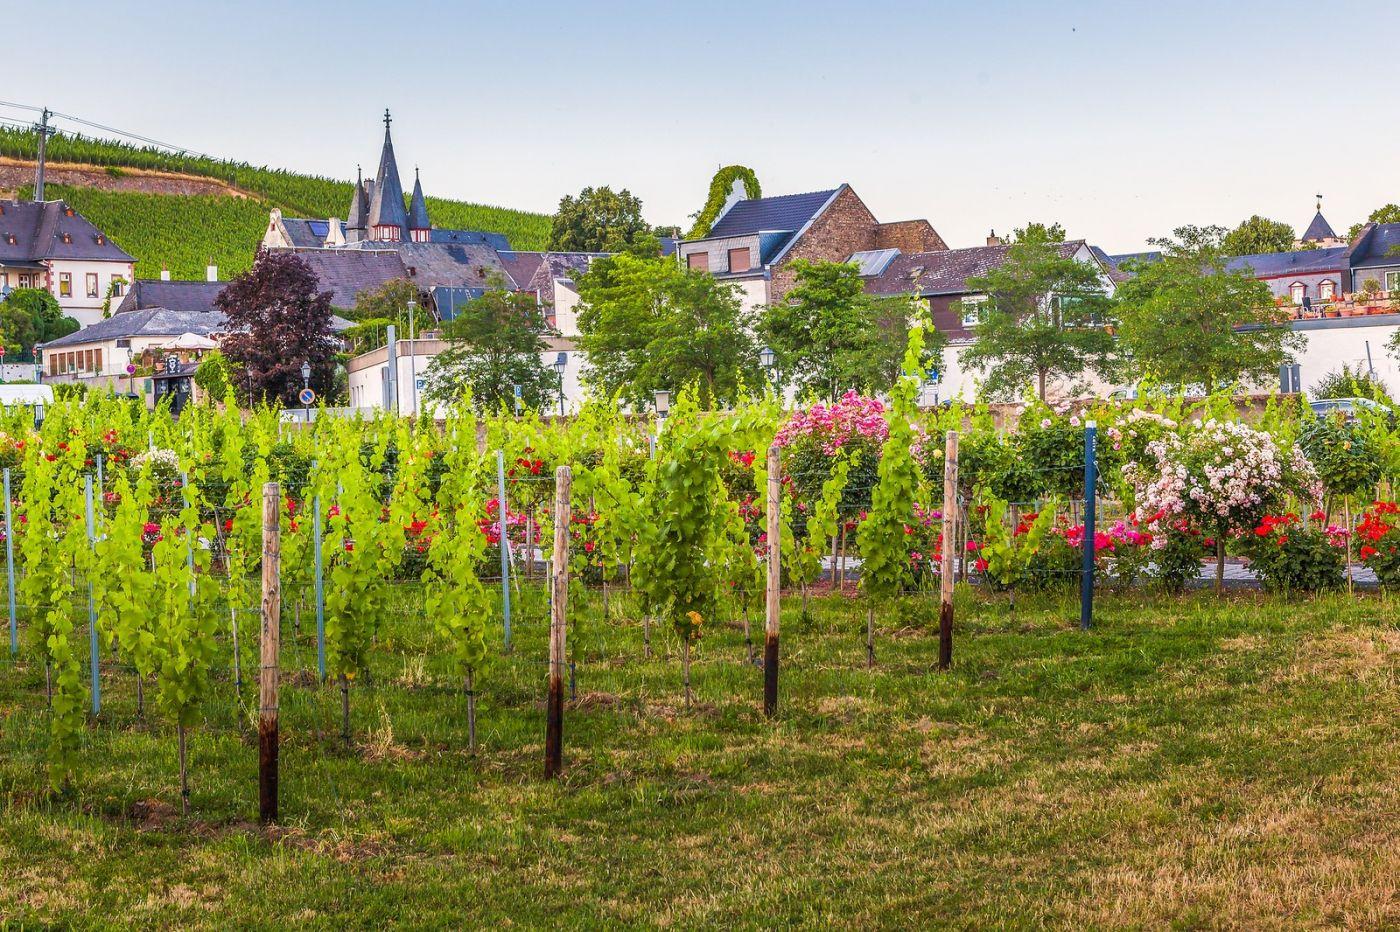 德国吕德斯海姆(Rudesheim),莱茵河畔的小镇_图1-3